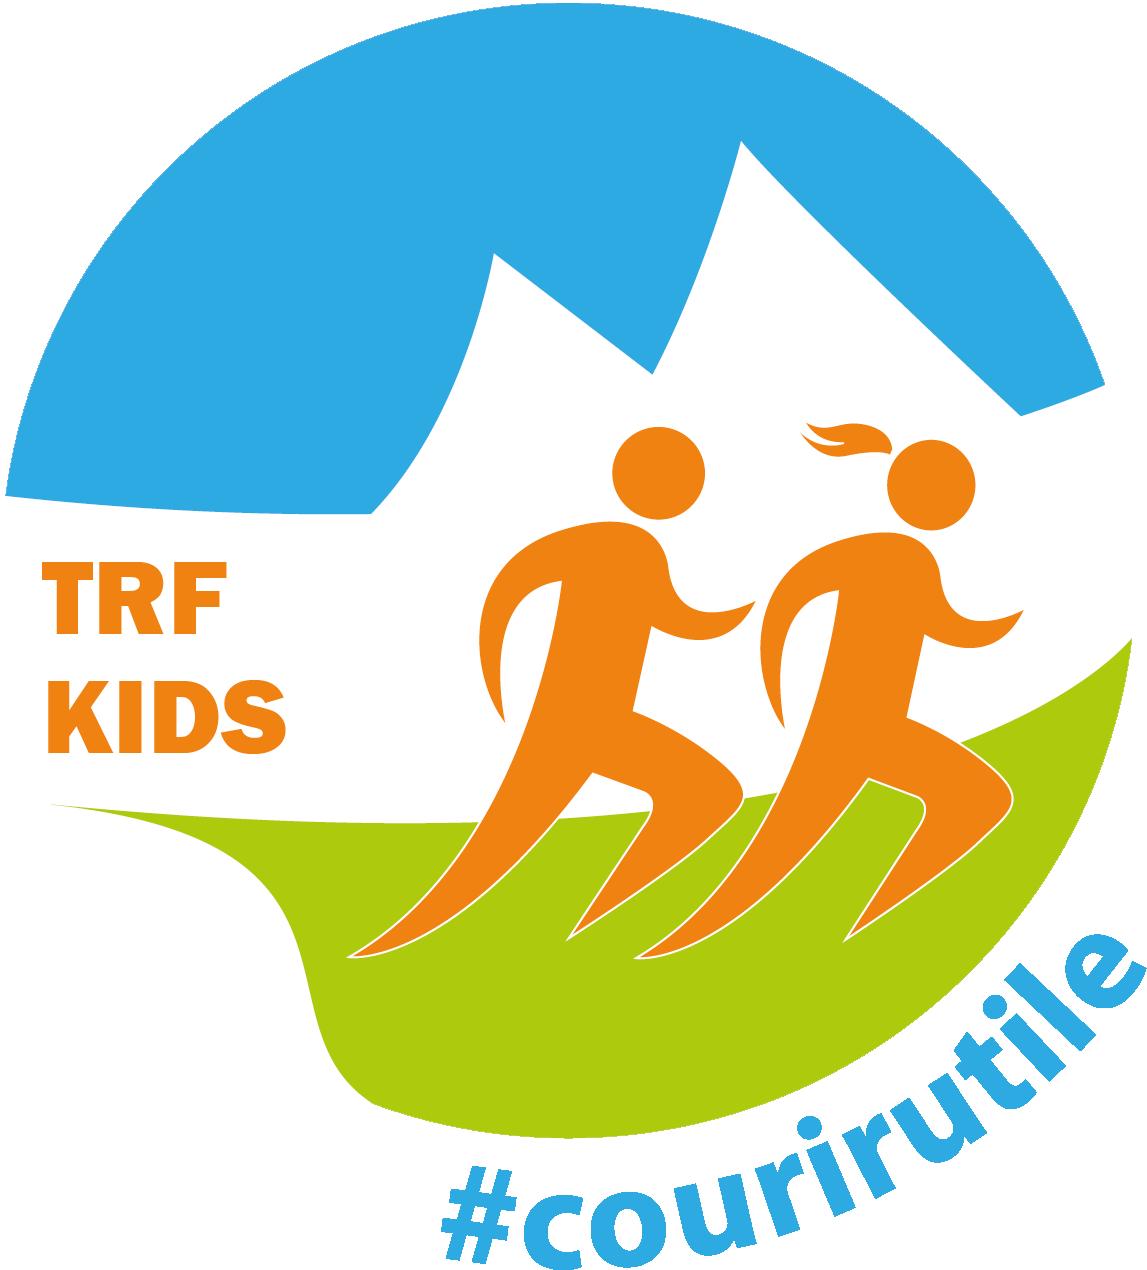 TRF Kids